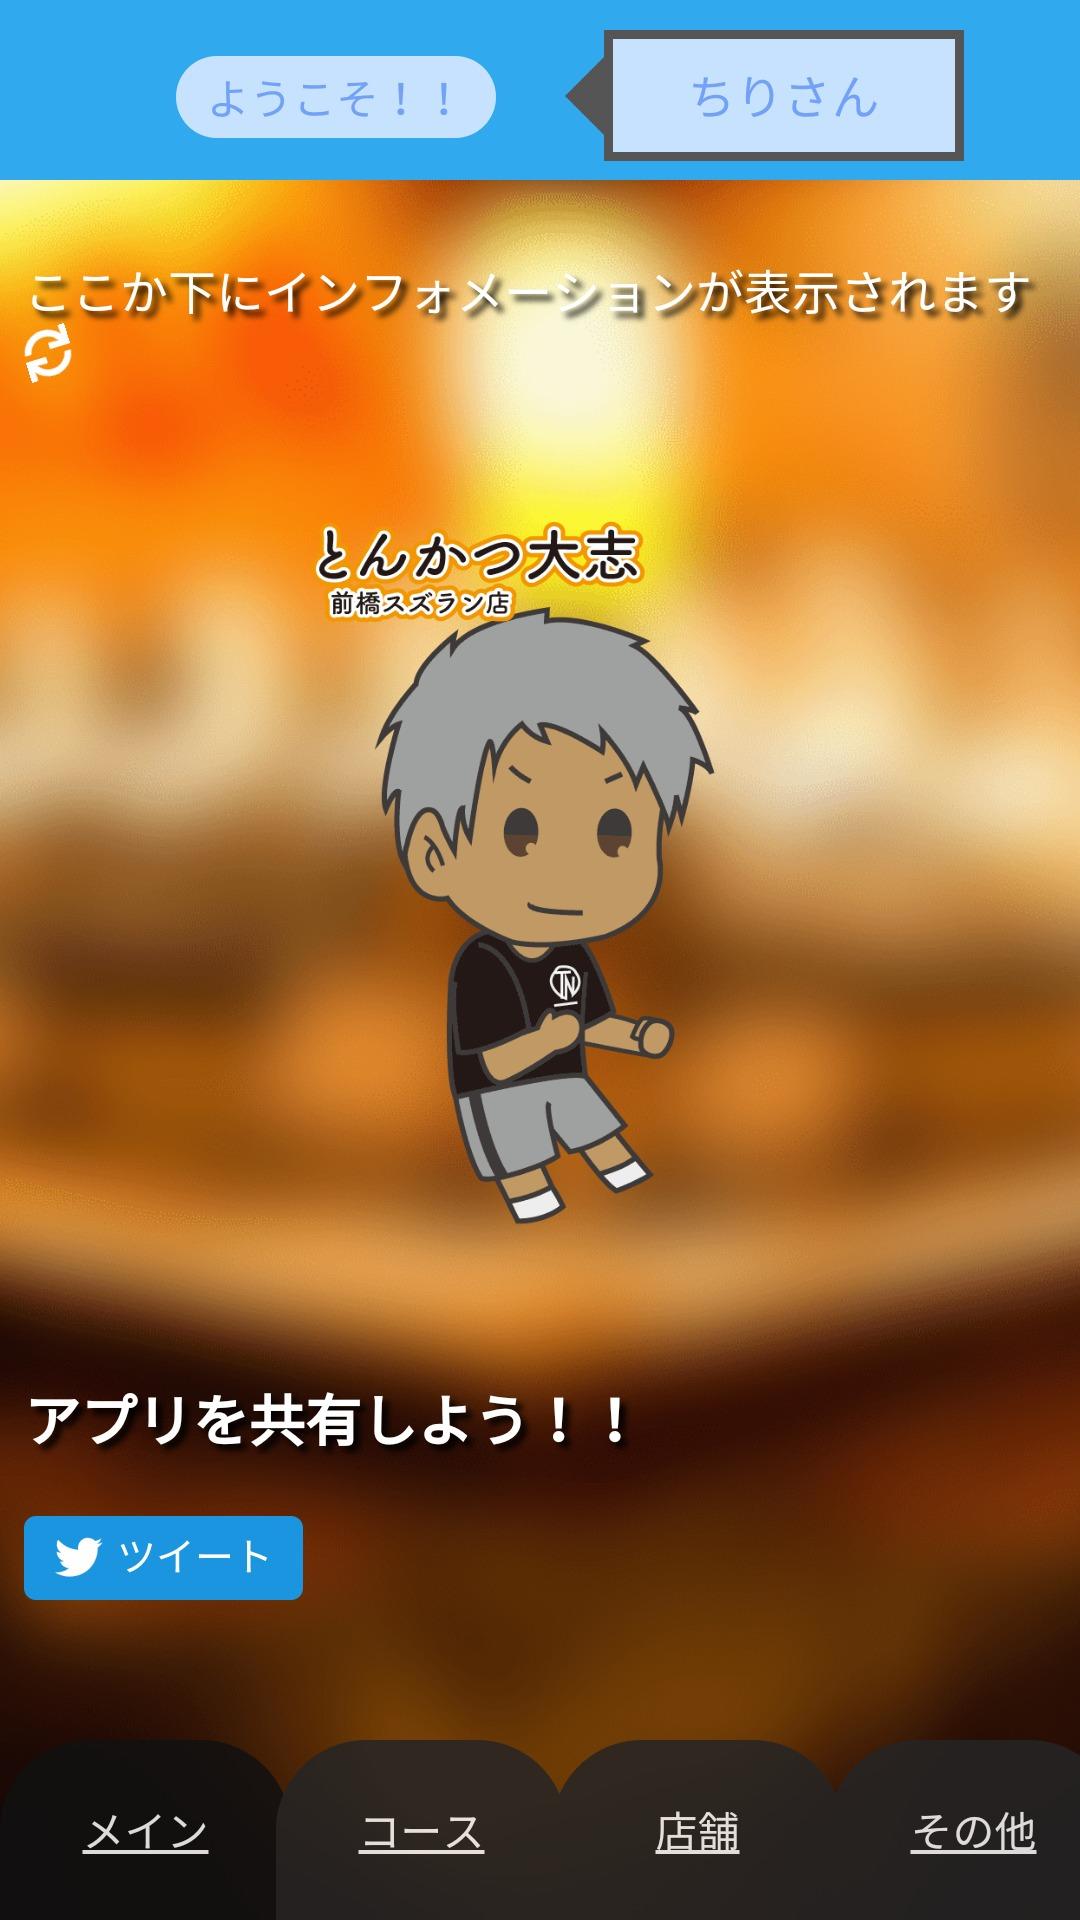 """""""サクッ!!とまえばし キャラクターとソースかつ丼めぐり 画面イメージ"""